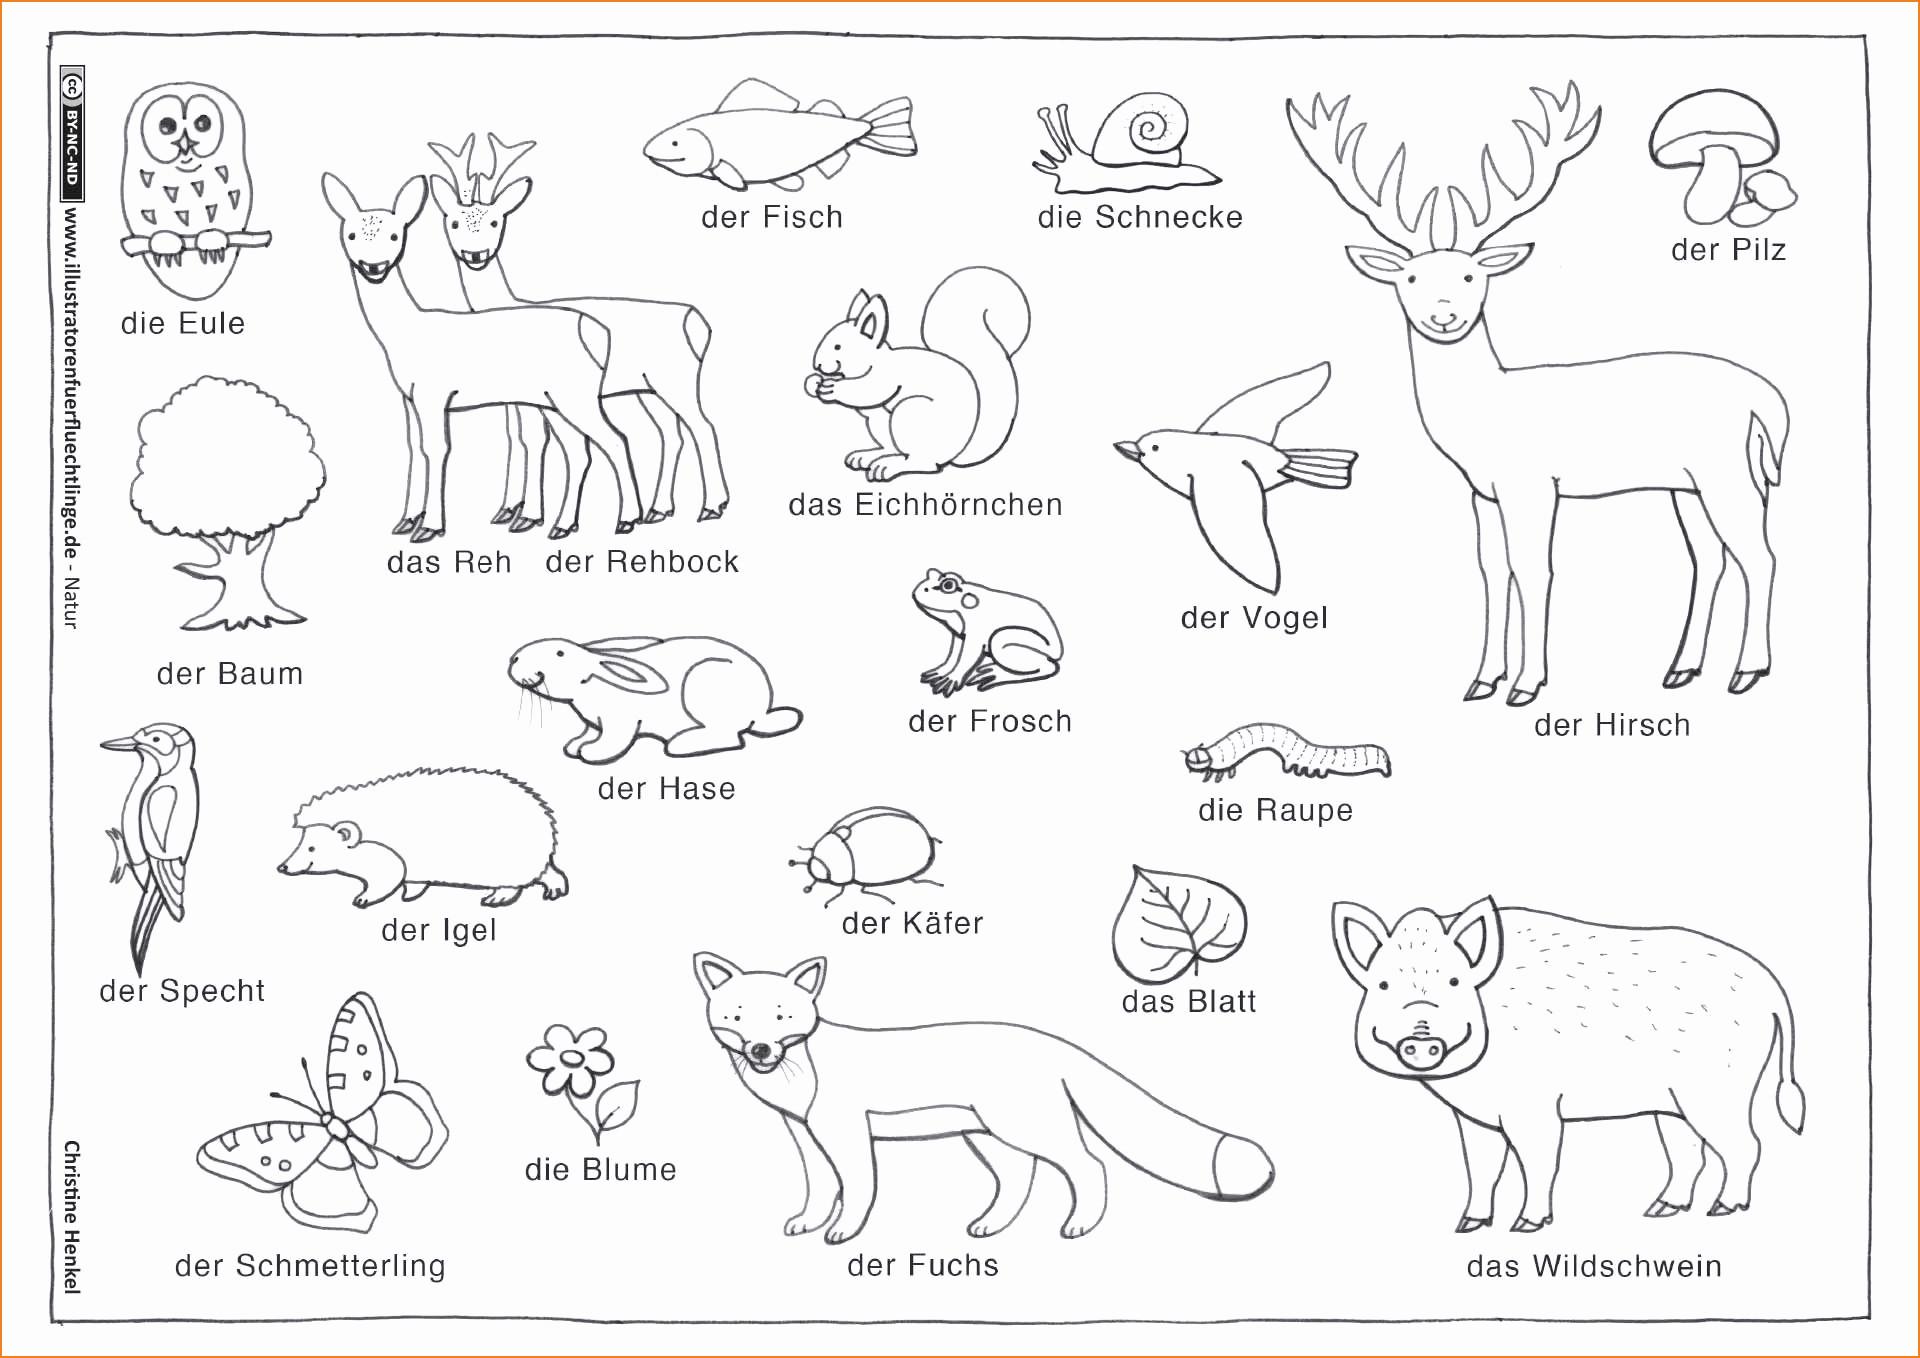 Ausmalbilder Tiere Im Wald Genial 30 Beitreibung Ausmalbilder Tiere Im Wald Fotos